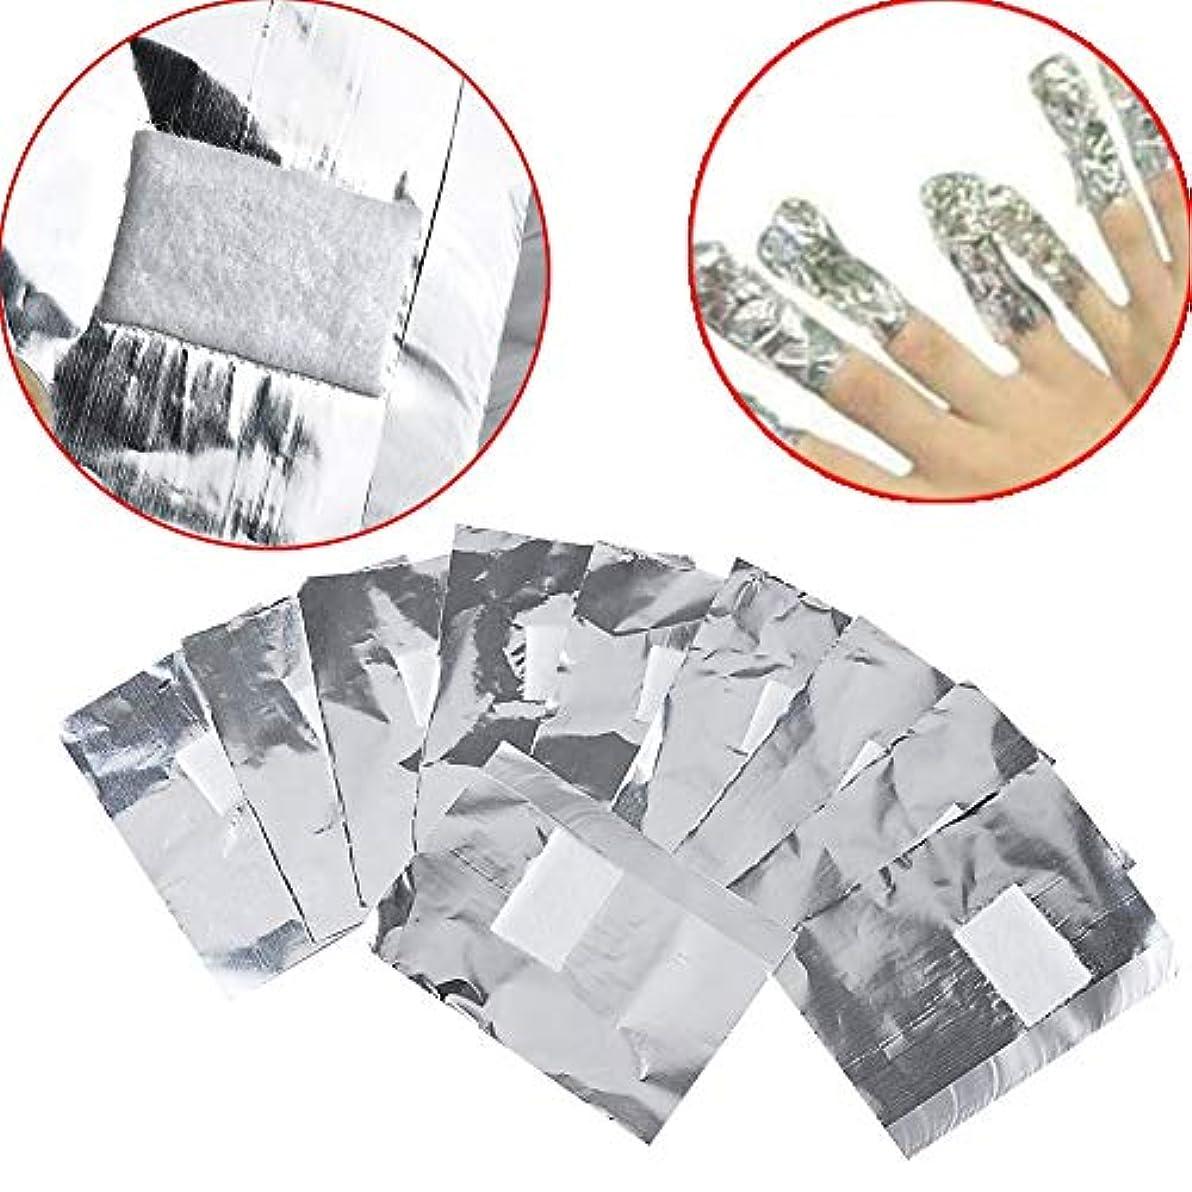 写真の小数不正直アクリル UVジェル ネイルポリッシュをきれいにオフ コットン付きアルミホイル 素敵な在宅ゲル爪マニキュア用品200pcs